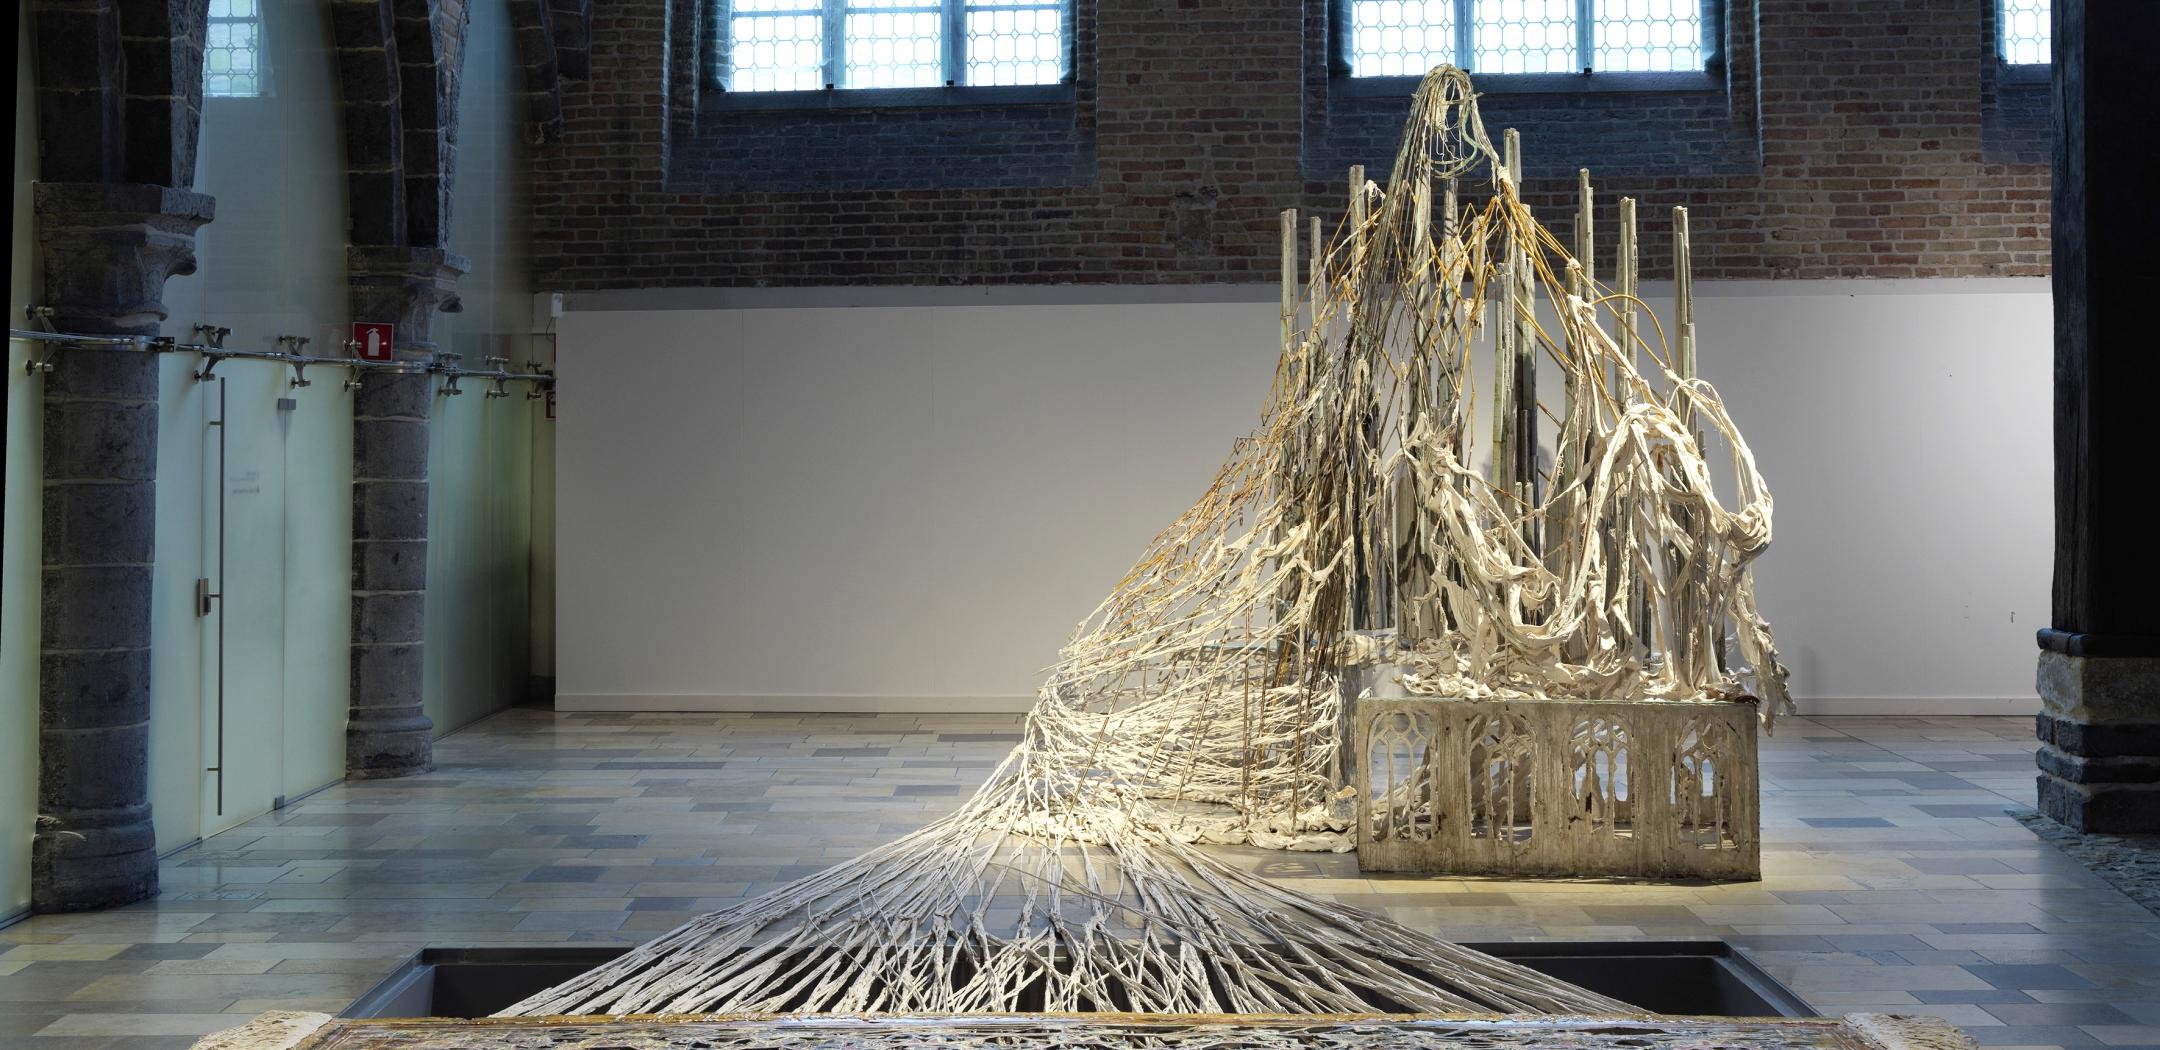 Memling Now: Hans Memling in Contemporary Art